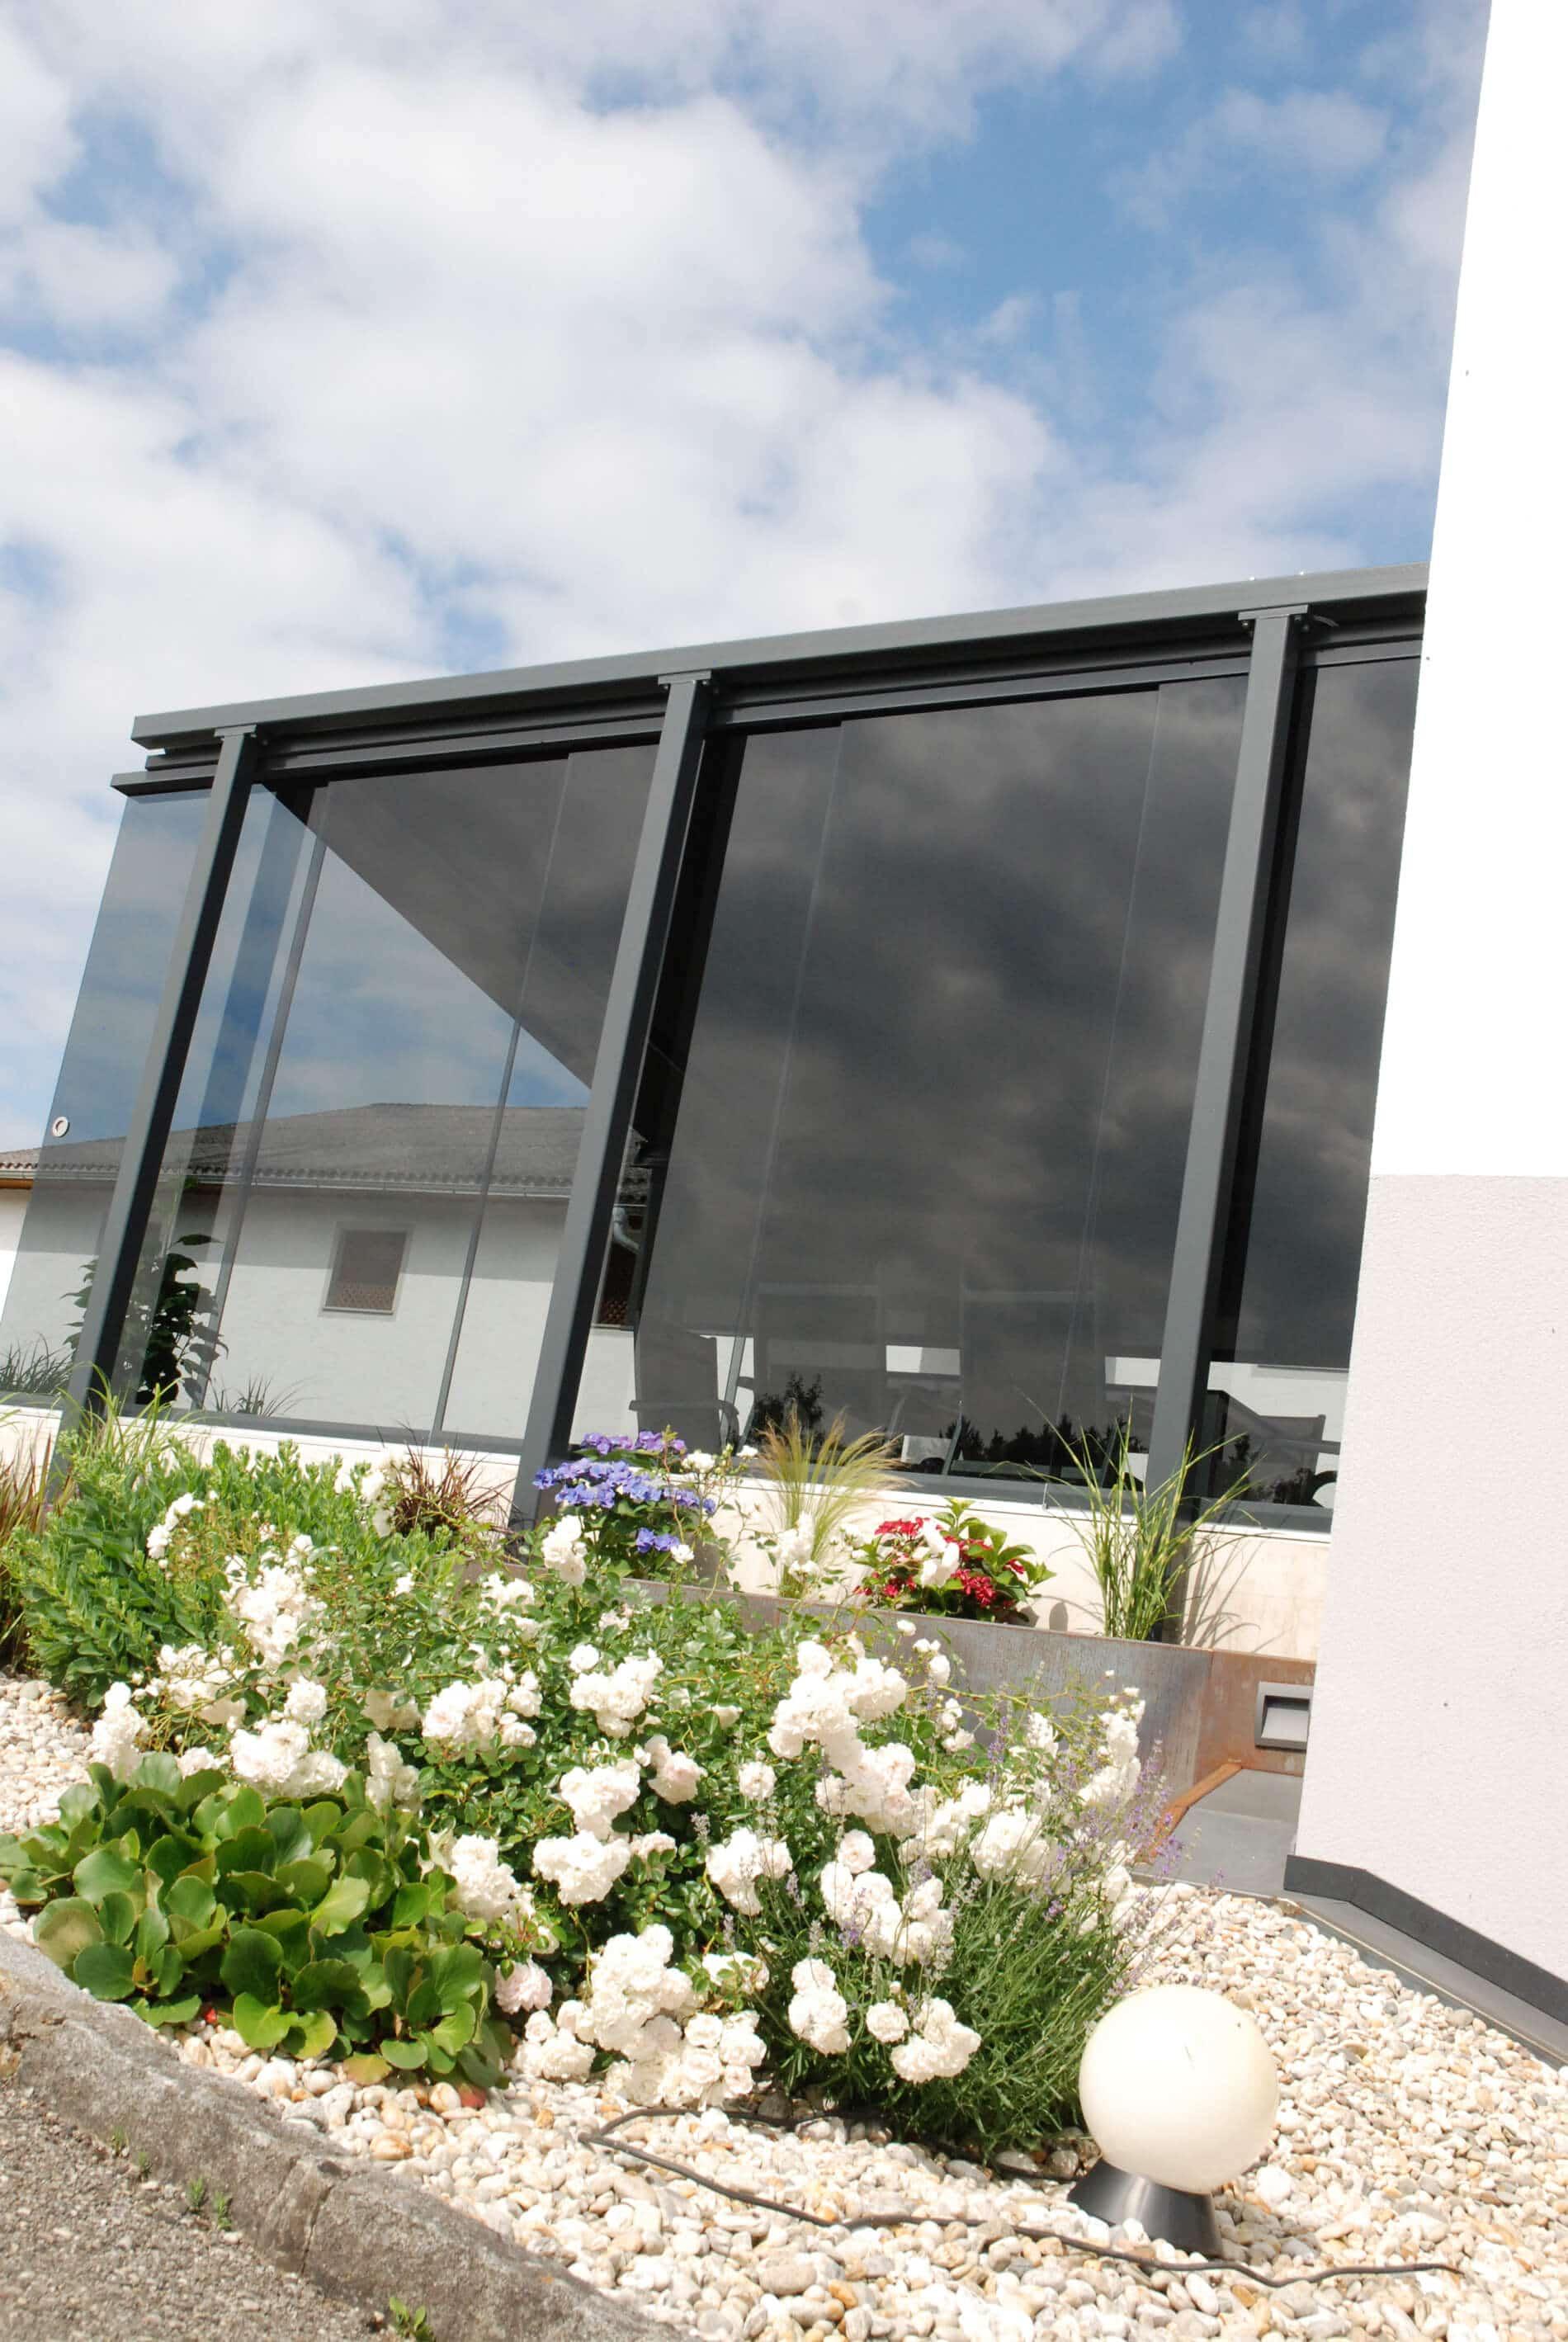 Windschutz freistehend mit flexiblen Glasschiebetüren